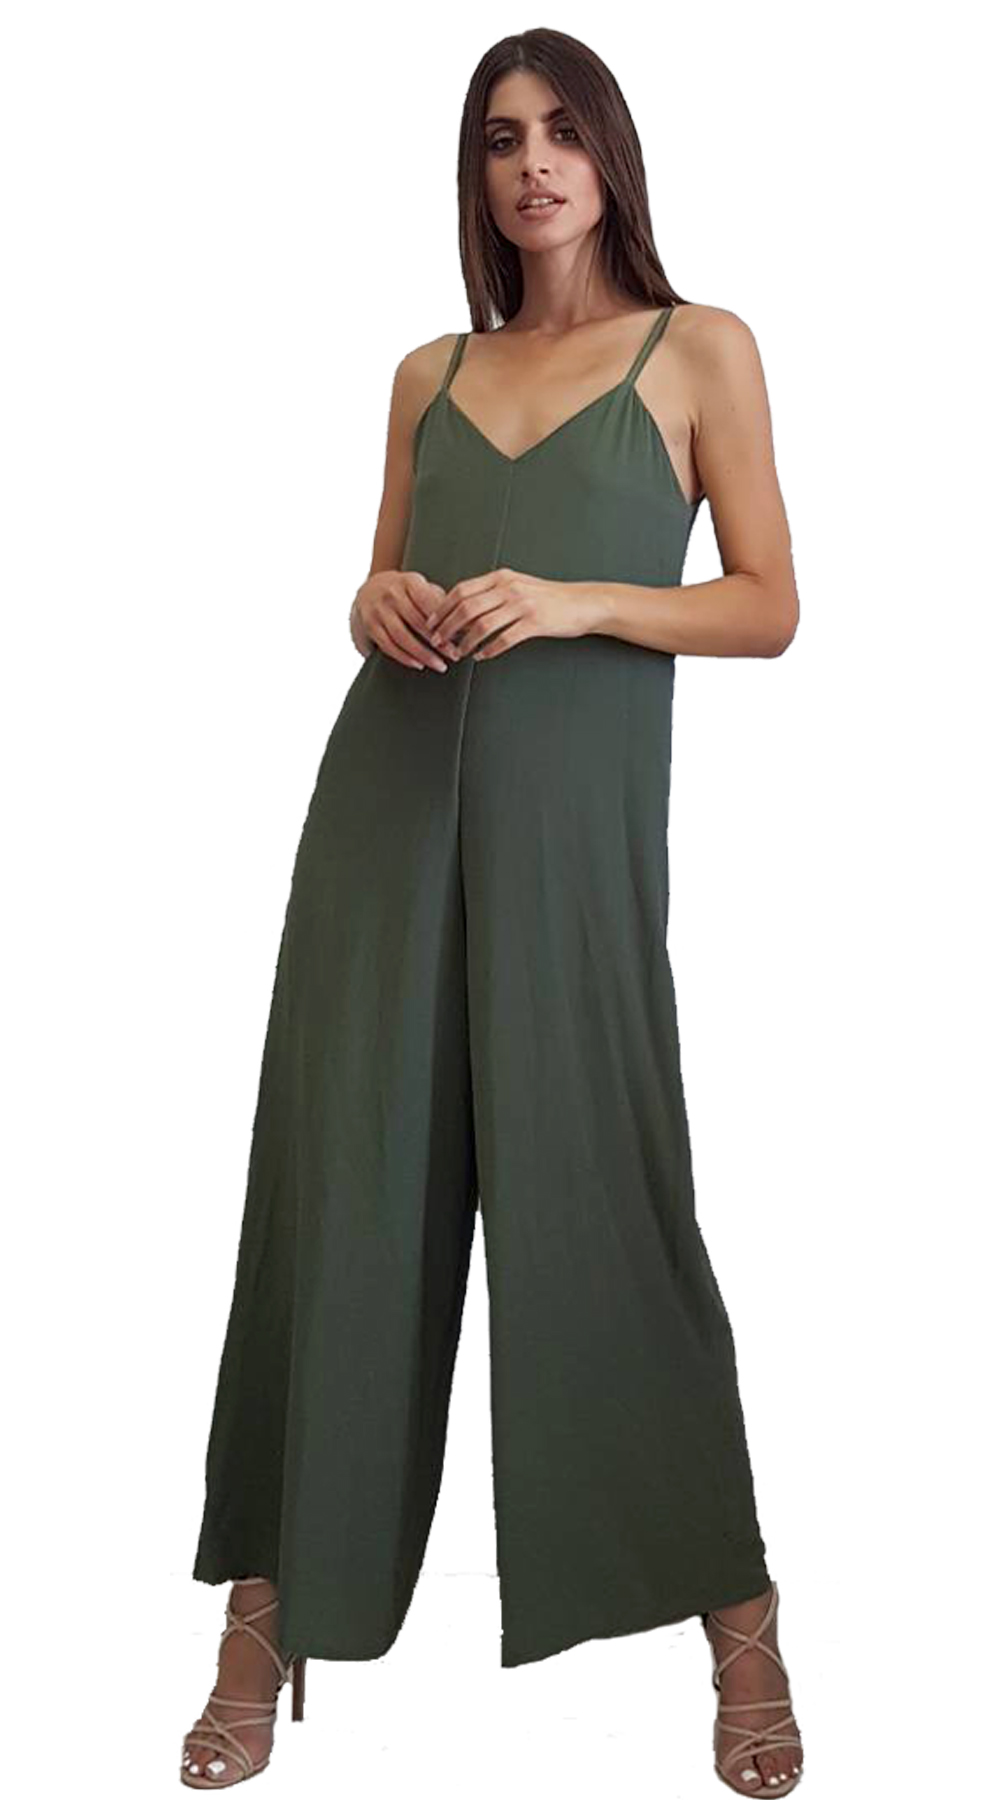 Ολόσωμη Παντελόνα σε χαλαρή γραμμή - MissReina - SP18SOF-21830 ενδύματα ολόσωμες φόρμες